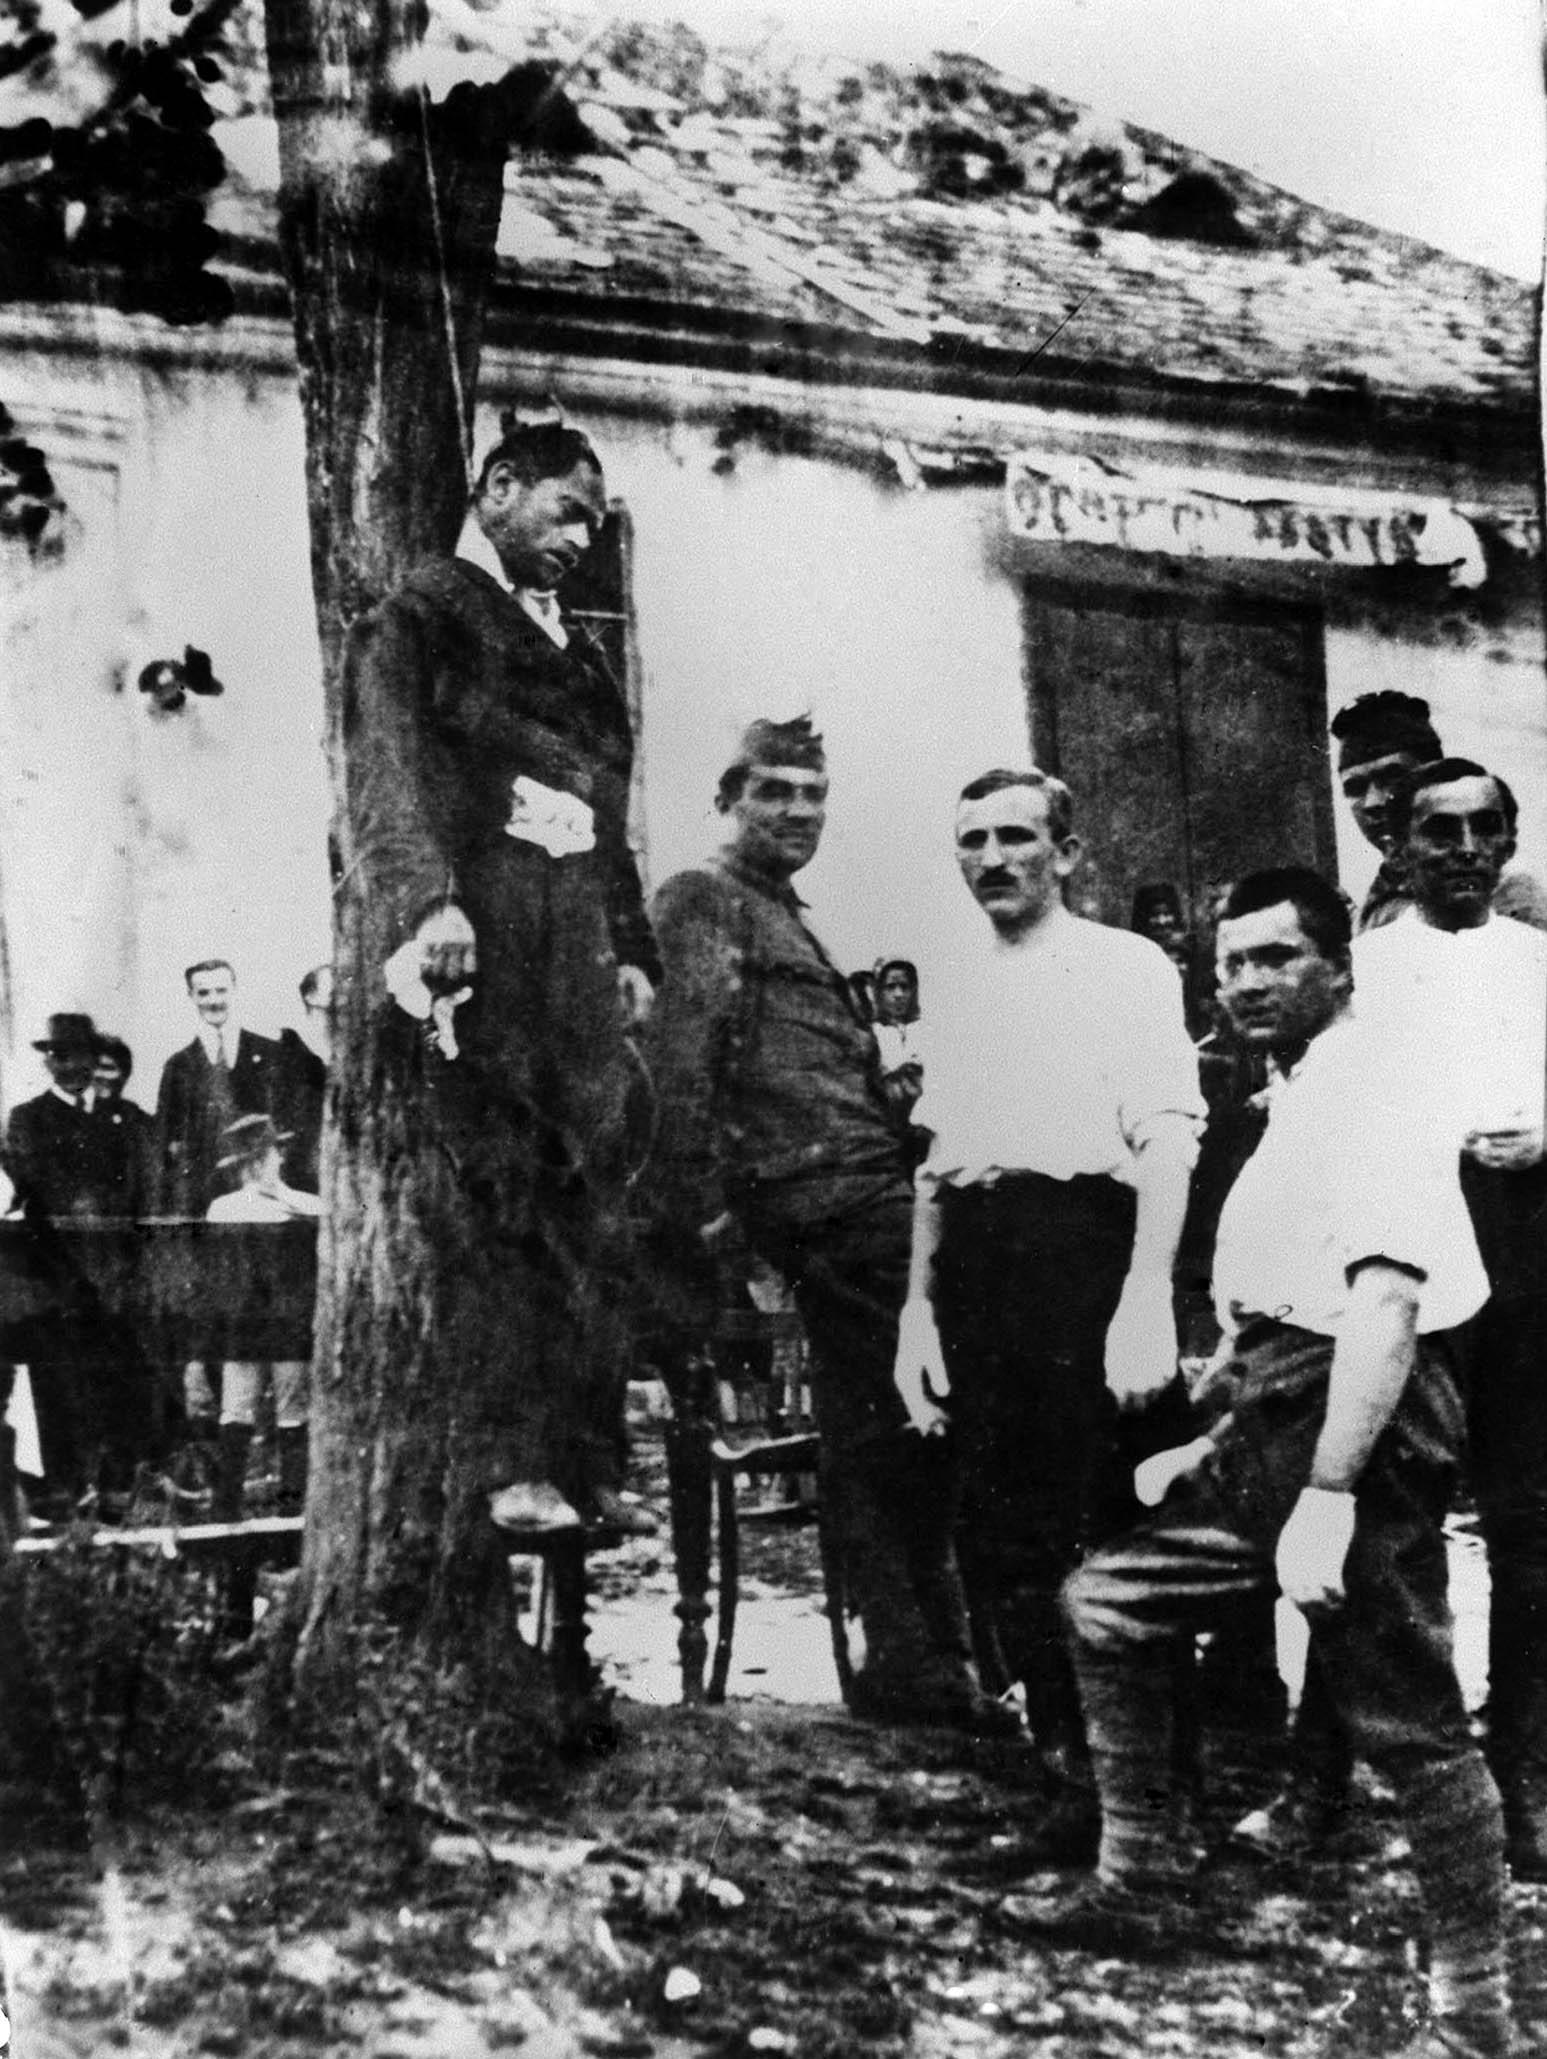 1919. szeptember 1. A Tanácsköztársaság bukása után egy ellenforradalmi egység kivégzést hajt végre / Fotó forrása: MTI